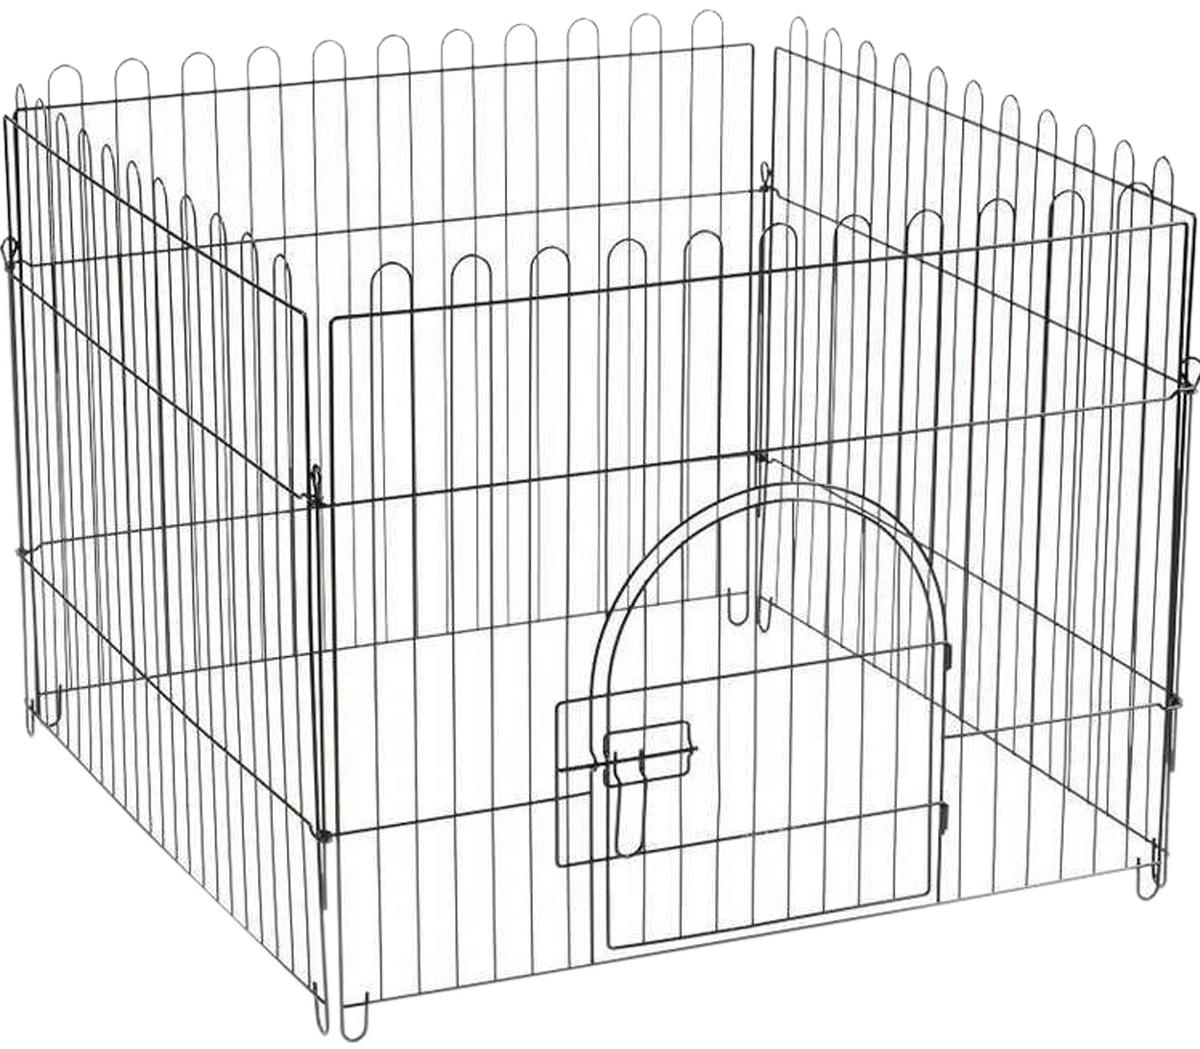 Клетка-вольер для животных Triol K1 4 секции эмаль 84 х 69 см (1 шт)